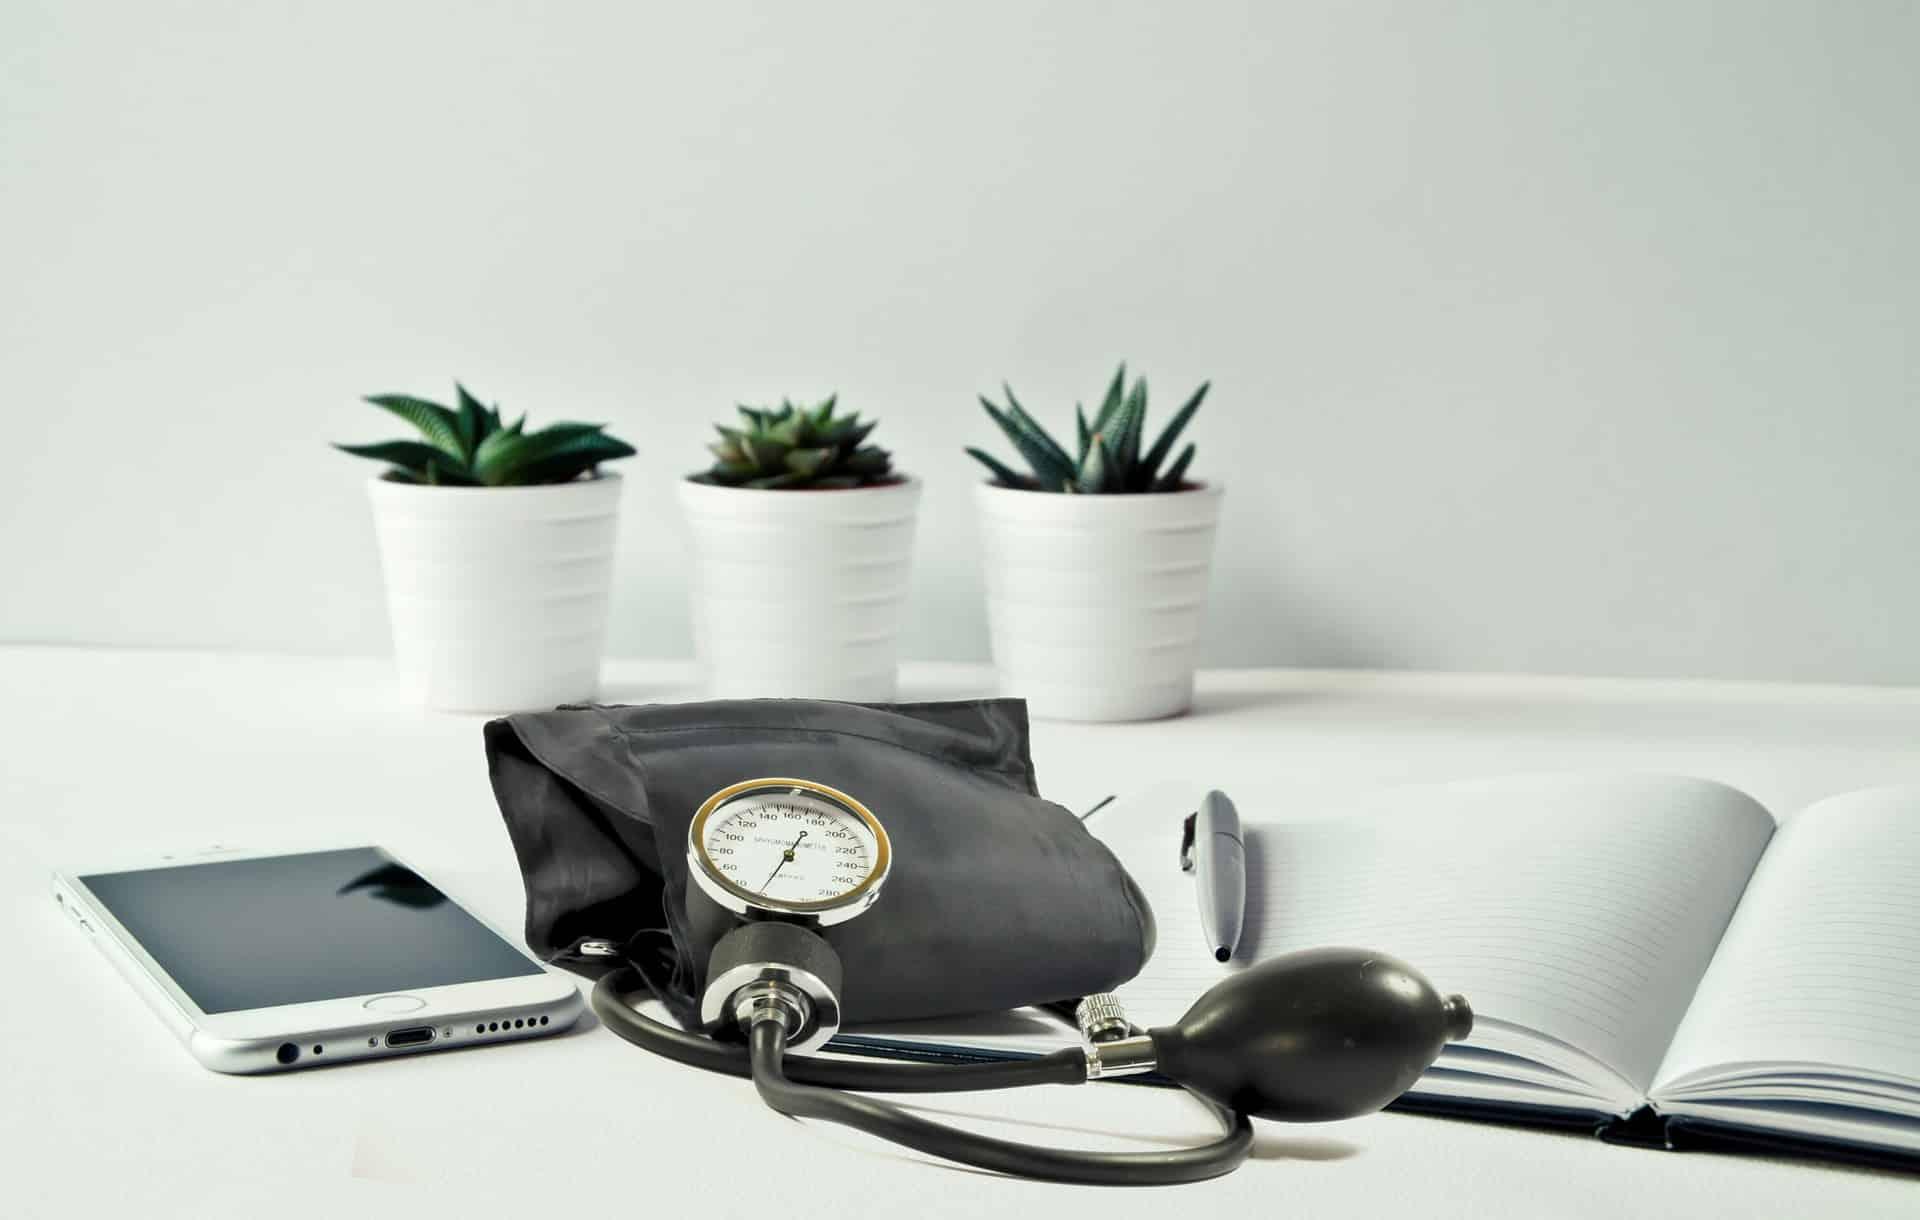 Oni naciągają seniorów na usługi medyczne